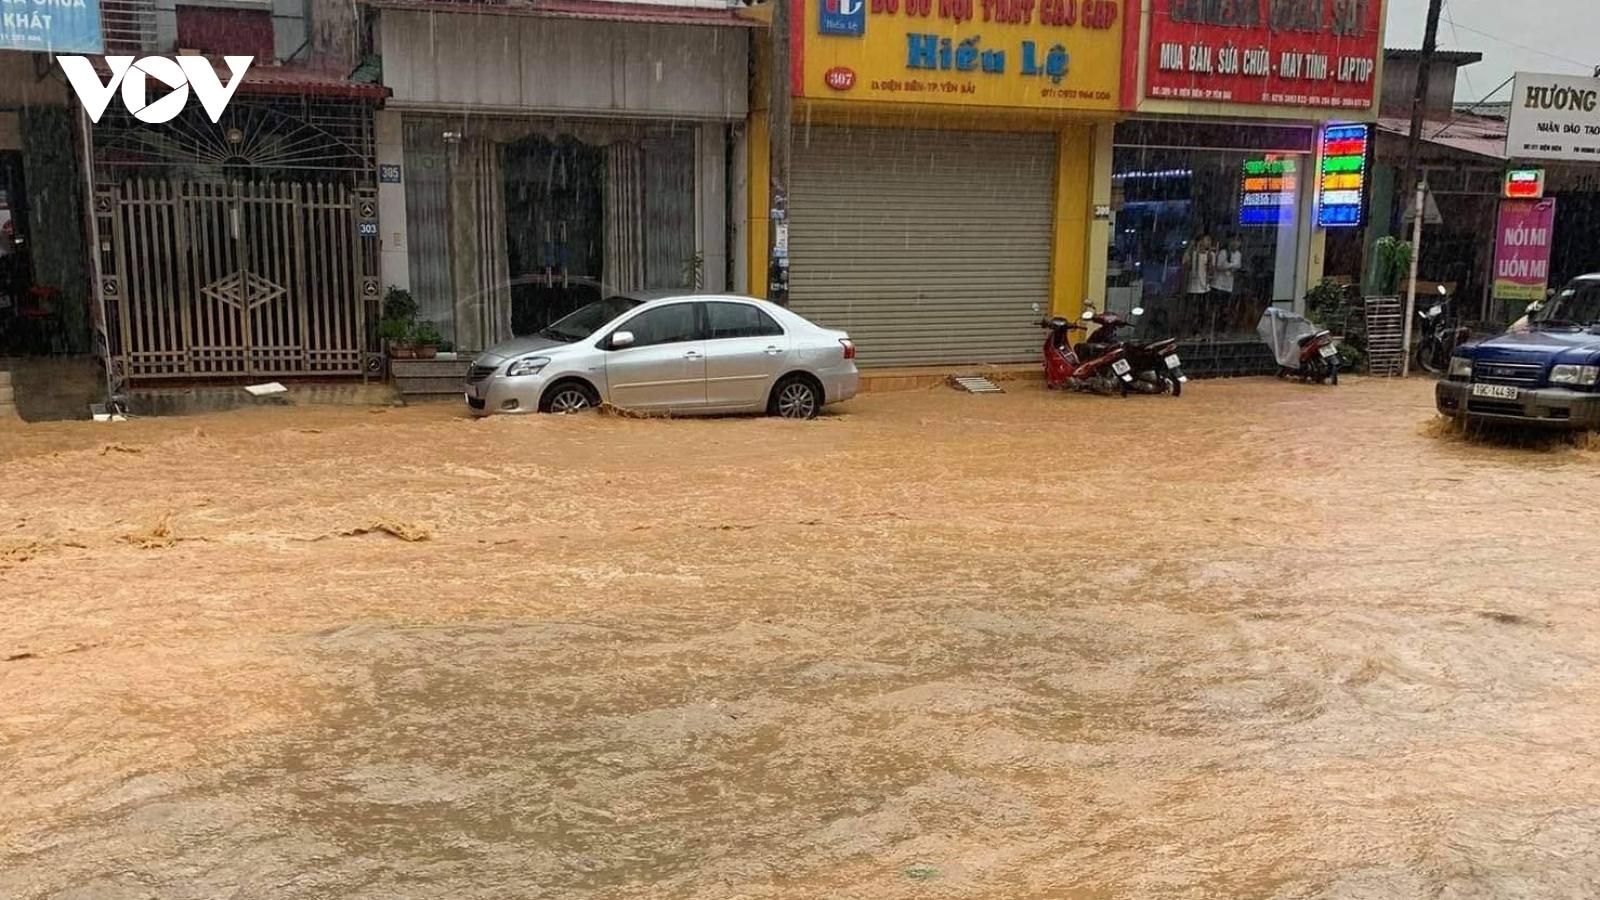 Nhiều hộ dân ở TP Yên Bái khốn khổ vì ngập úng